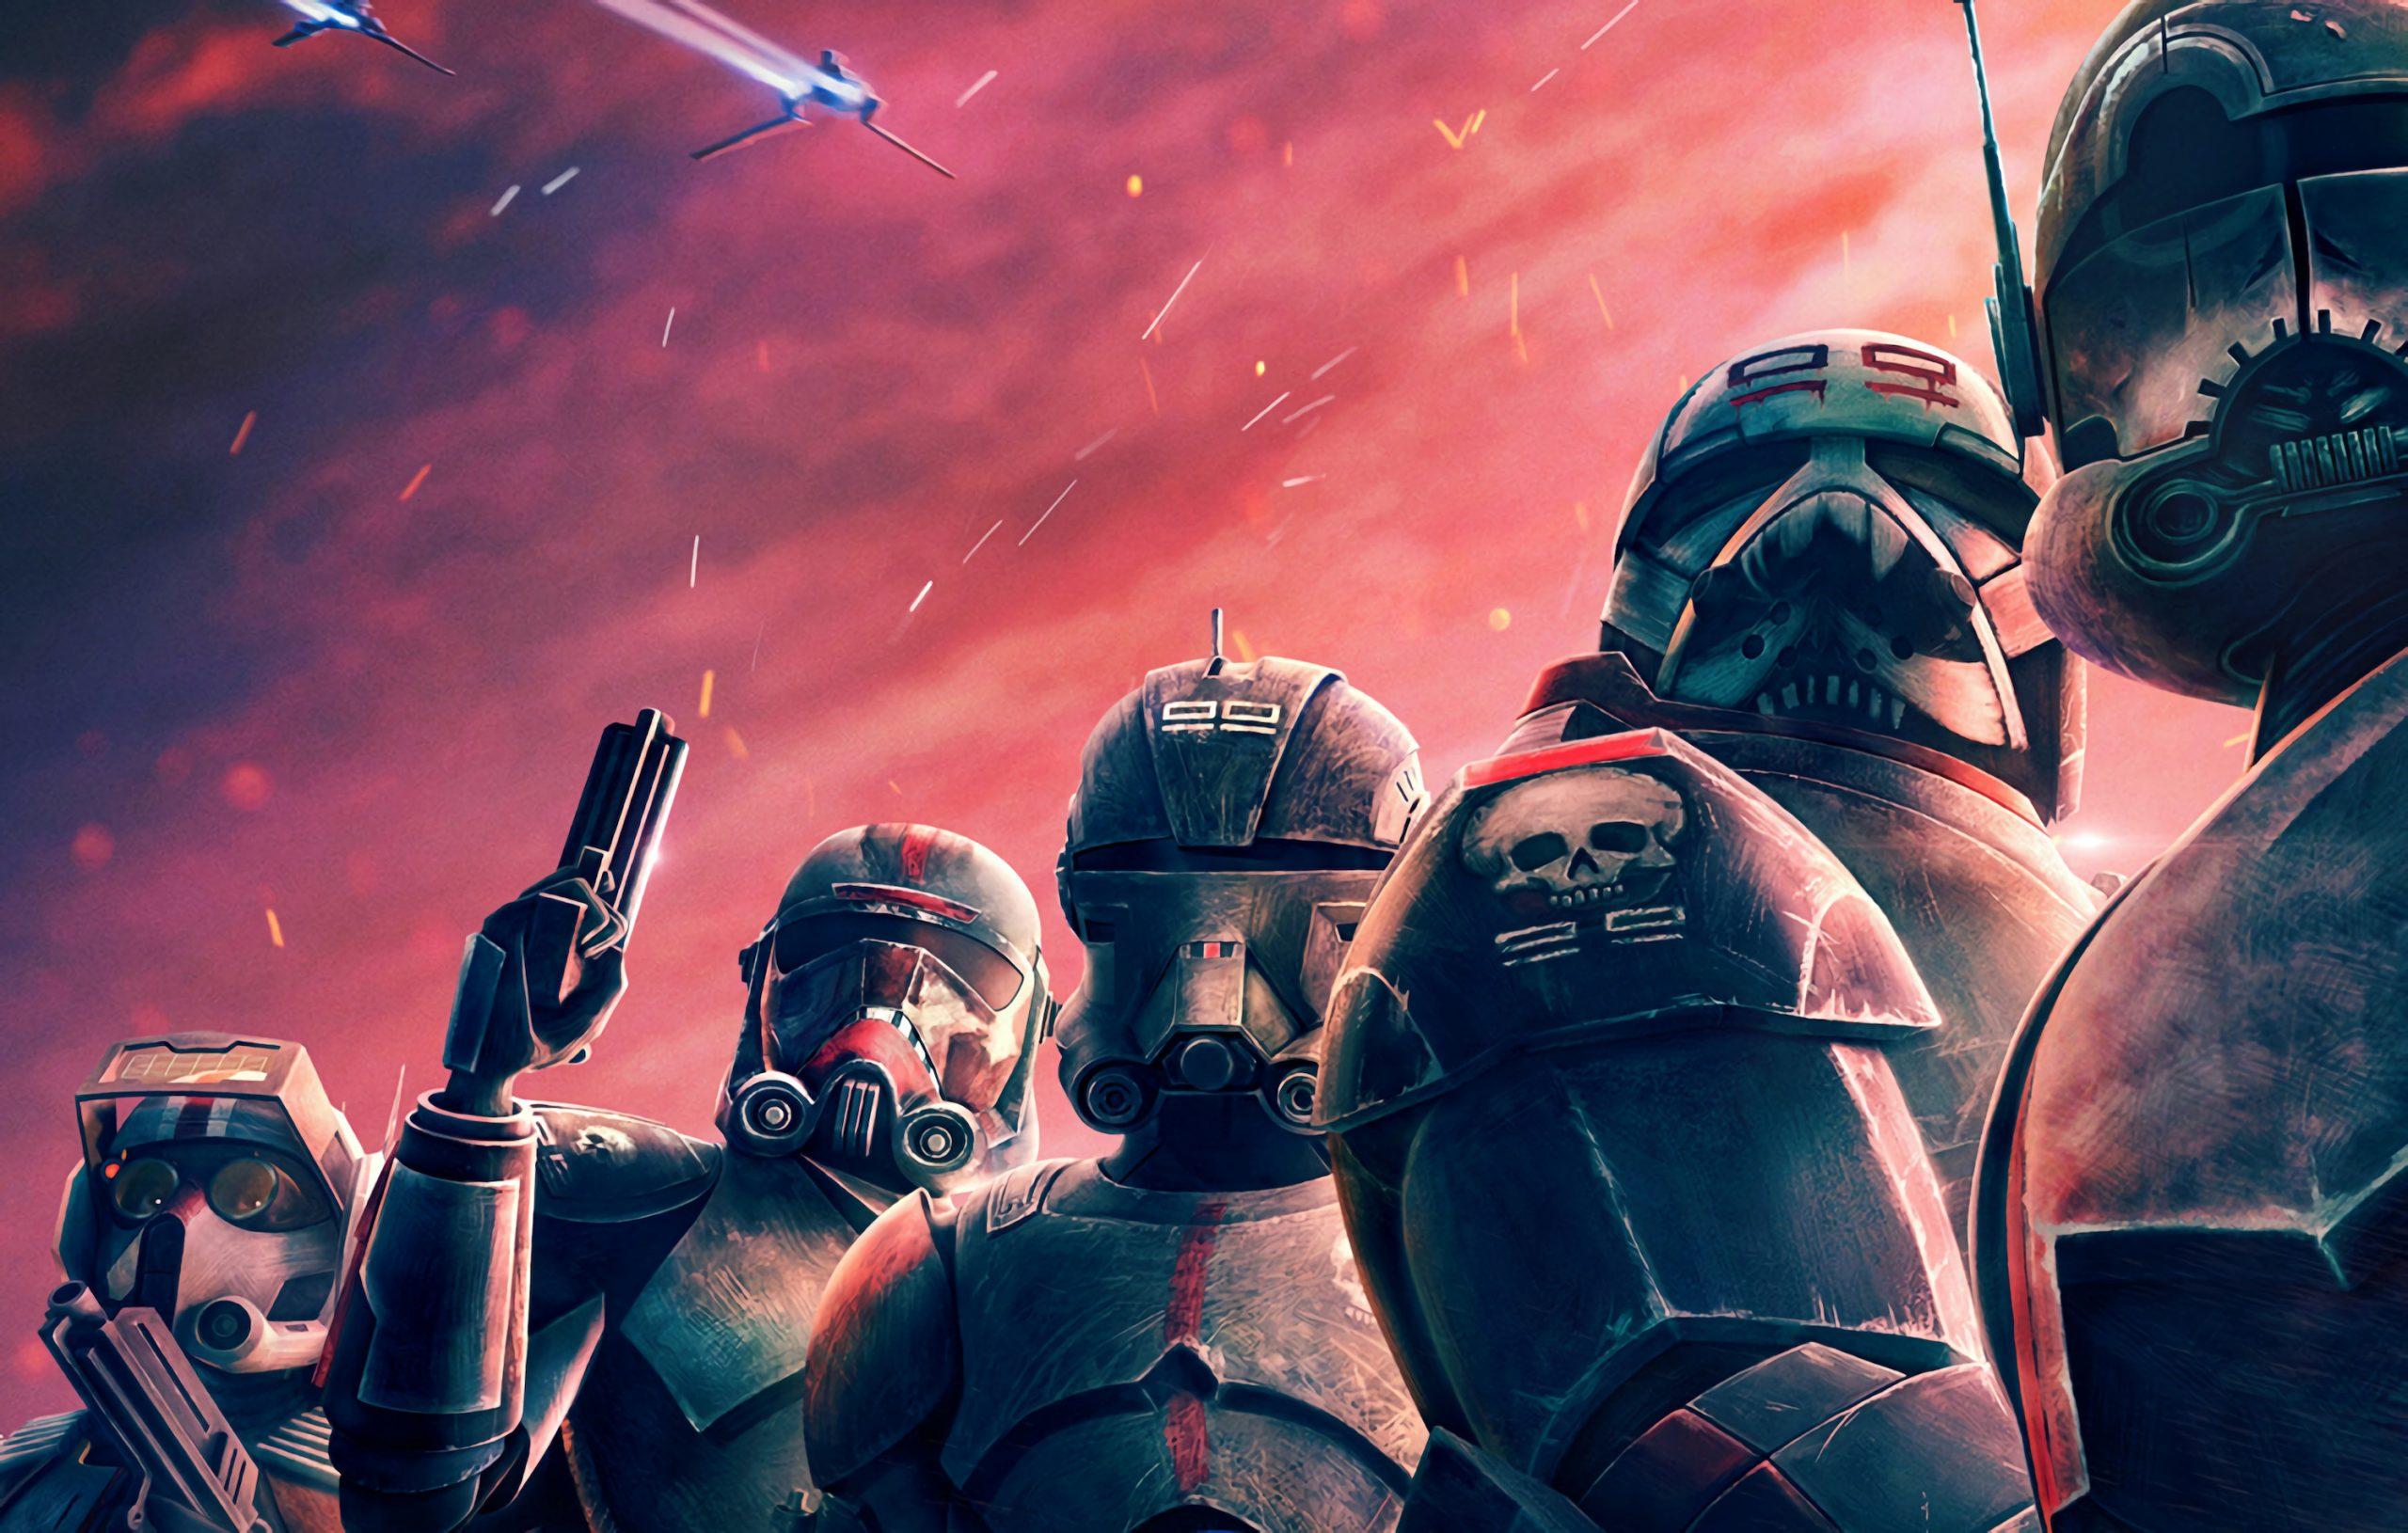 Disney+ anuncia la segunda temporada de Star Wars: The Bad Batch